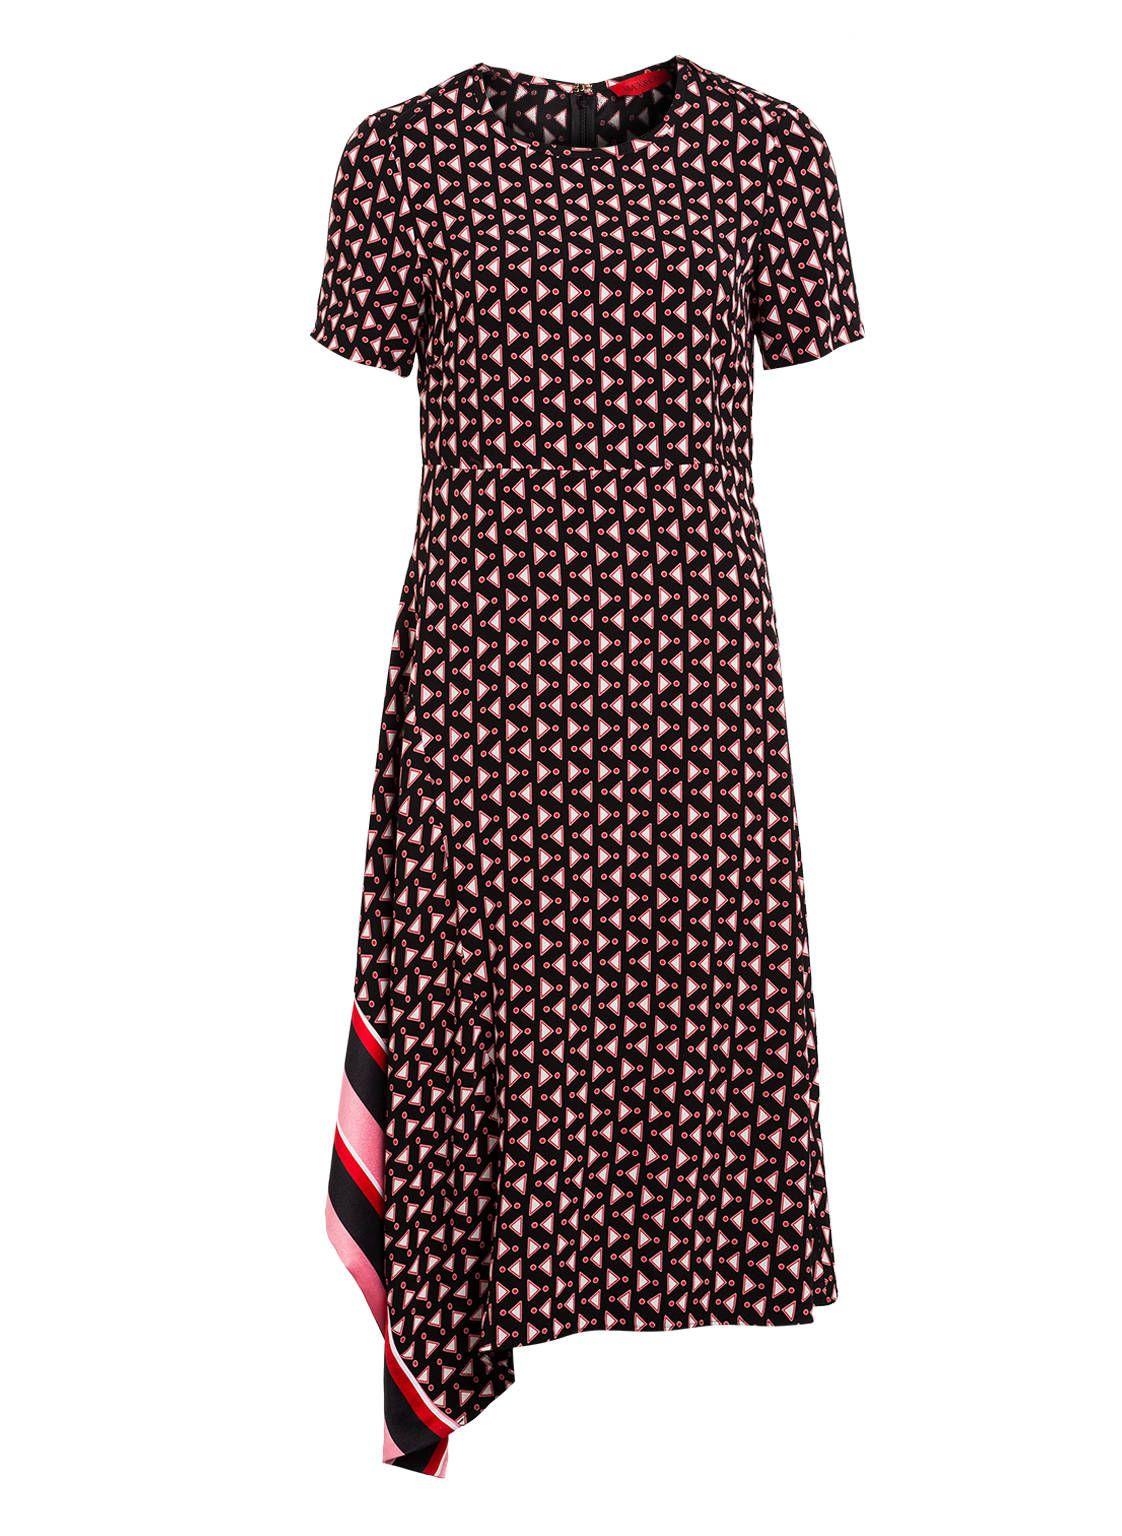 Kleid CANTICO von MAX & Co. bei Breuninger kaufen  Kleider kaufen